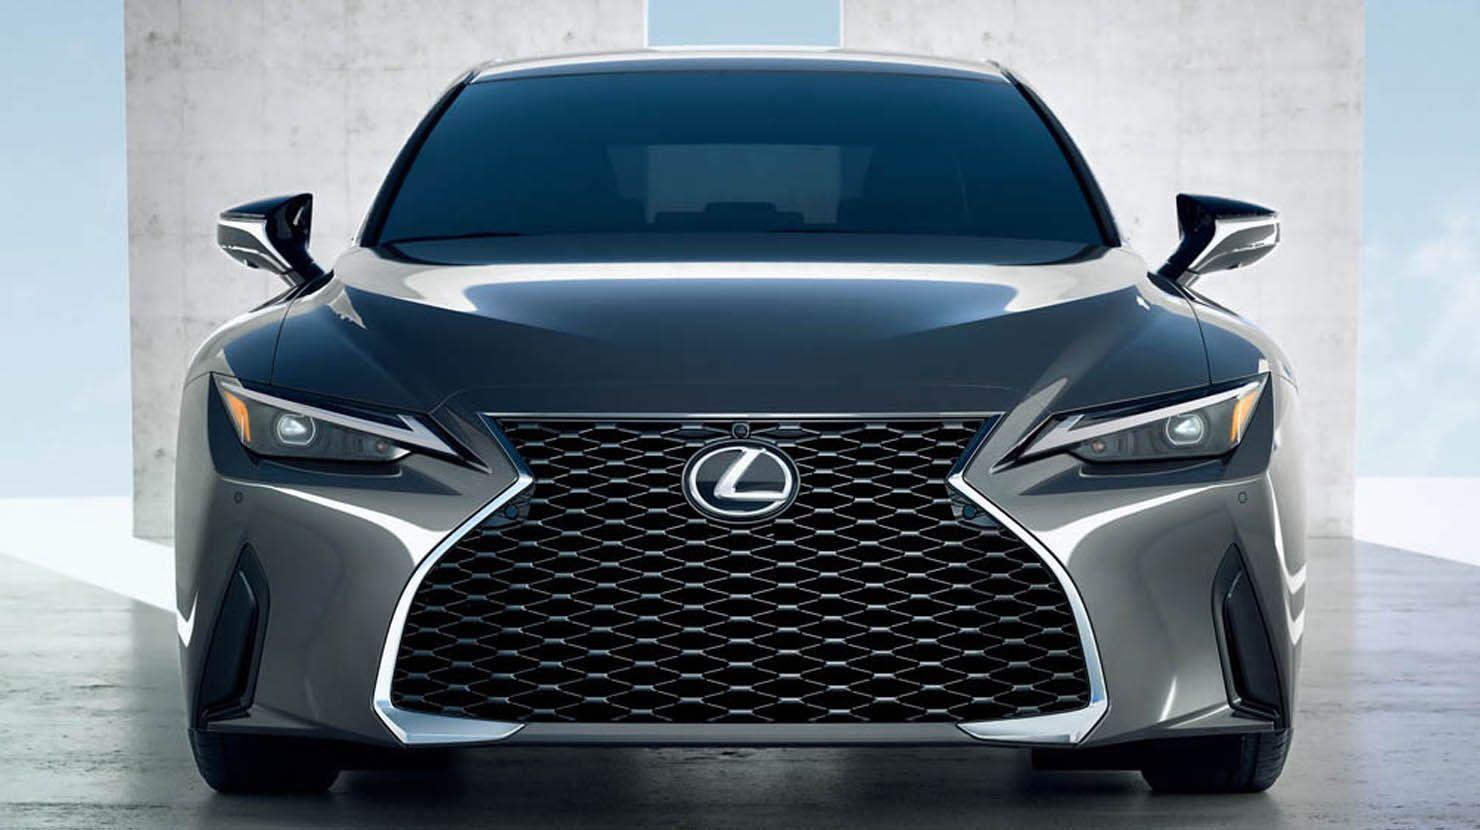 لكزس أي أس 2021 الجديدة عملية تجميل واسعة النطاق وتجربة قيادة رياضية في السيدان الصغيرة الفاخرة موقع ويلز In 2020 Lexus Mercedes Benz Sports Car